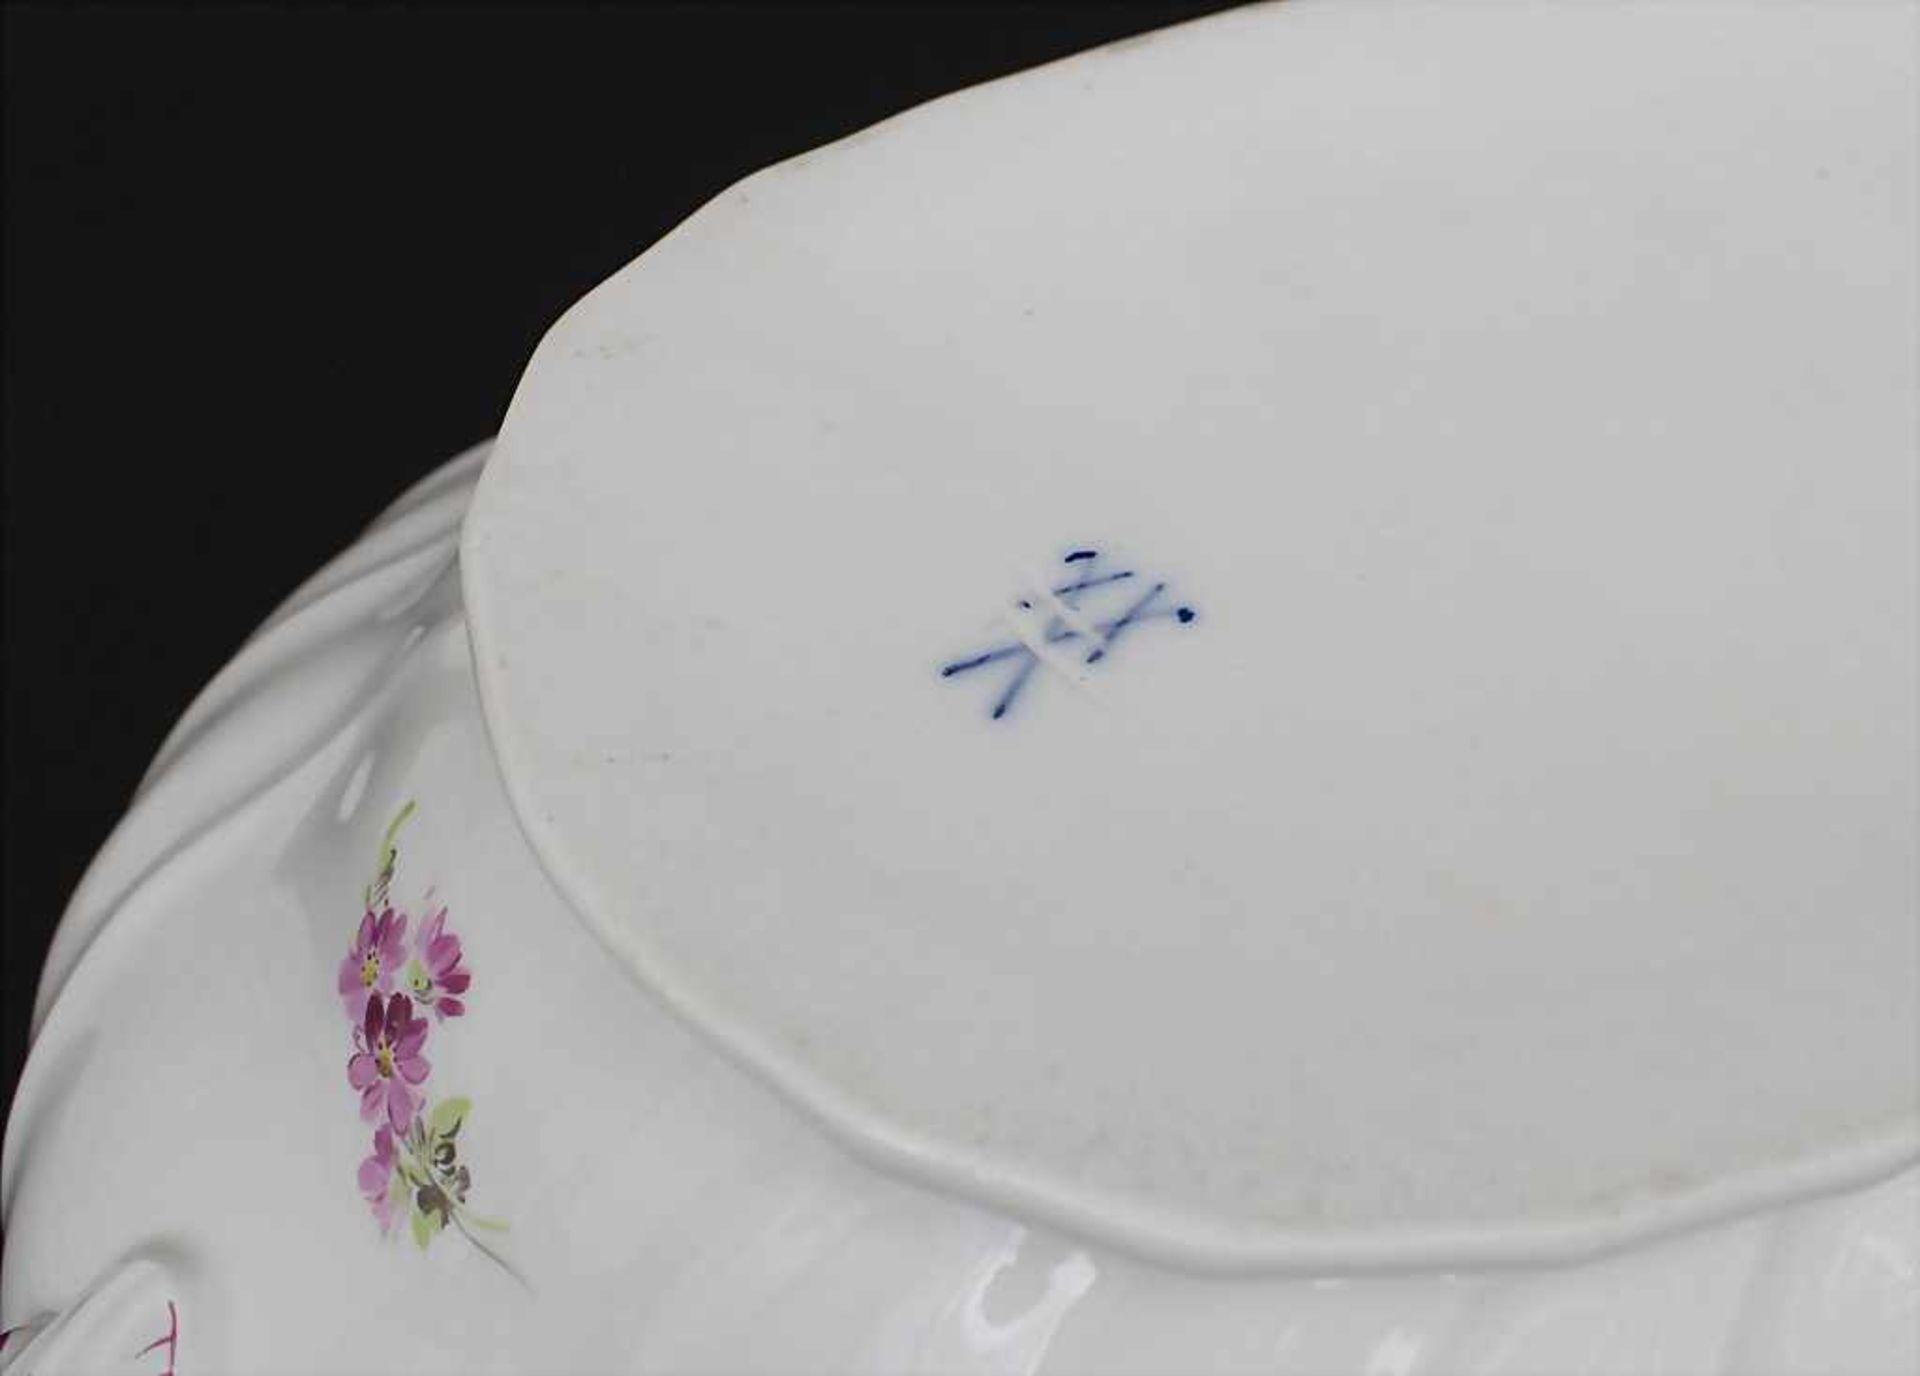 Große ovale Deckelterrine und Gemüseplatte mit Früchtemalerei / An oval covered tureen and serving - Bild 10 aus 10